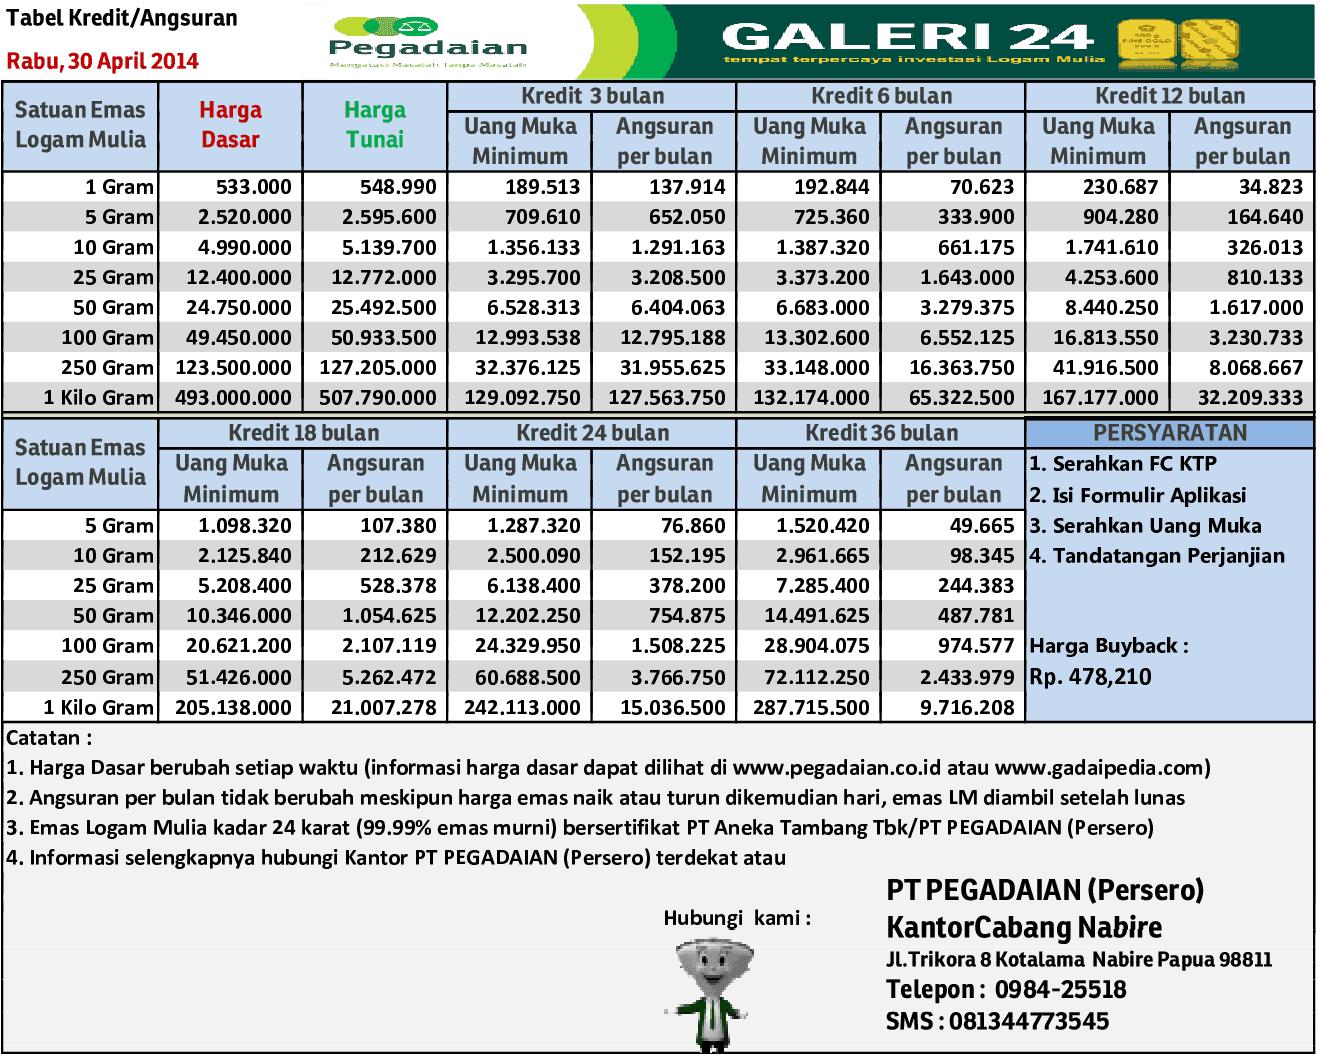 harga emas dan tabel kredit emas pegadaian 30 april 2014